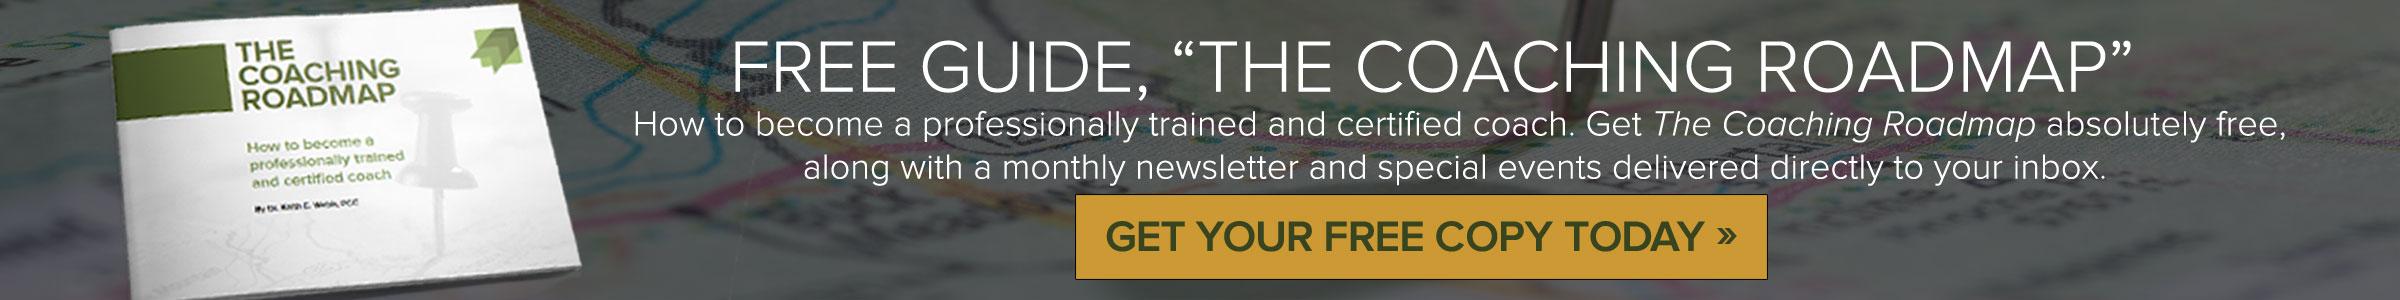 Free Guide: The Coaching Roadmap